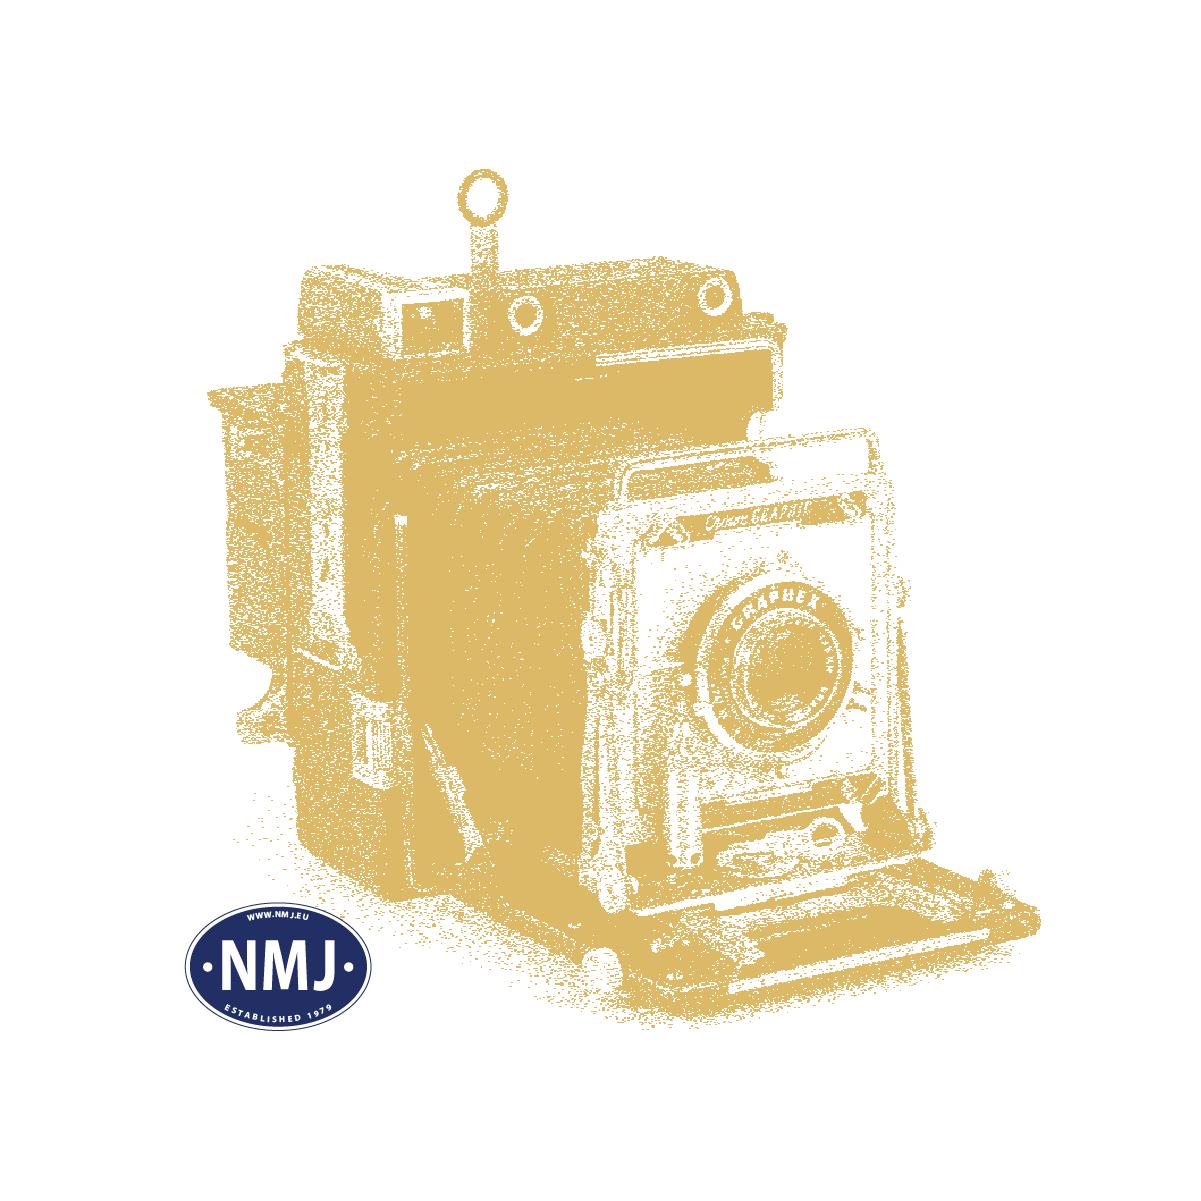 NOC56202 - Brostein Brun, Laser-Cut